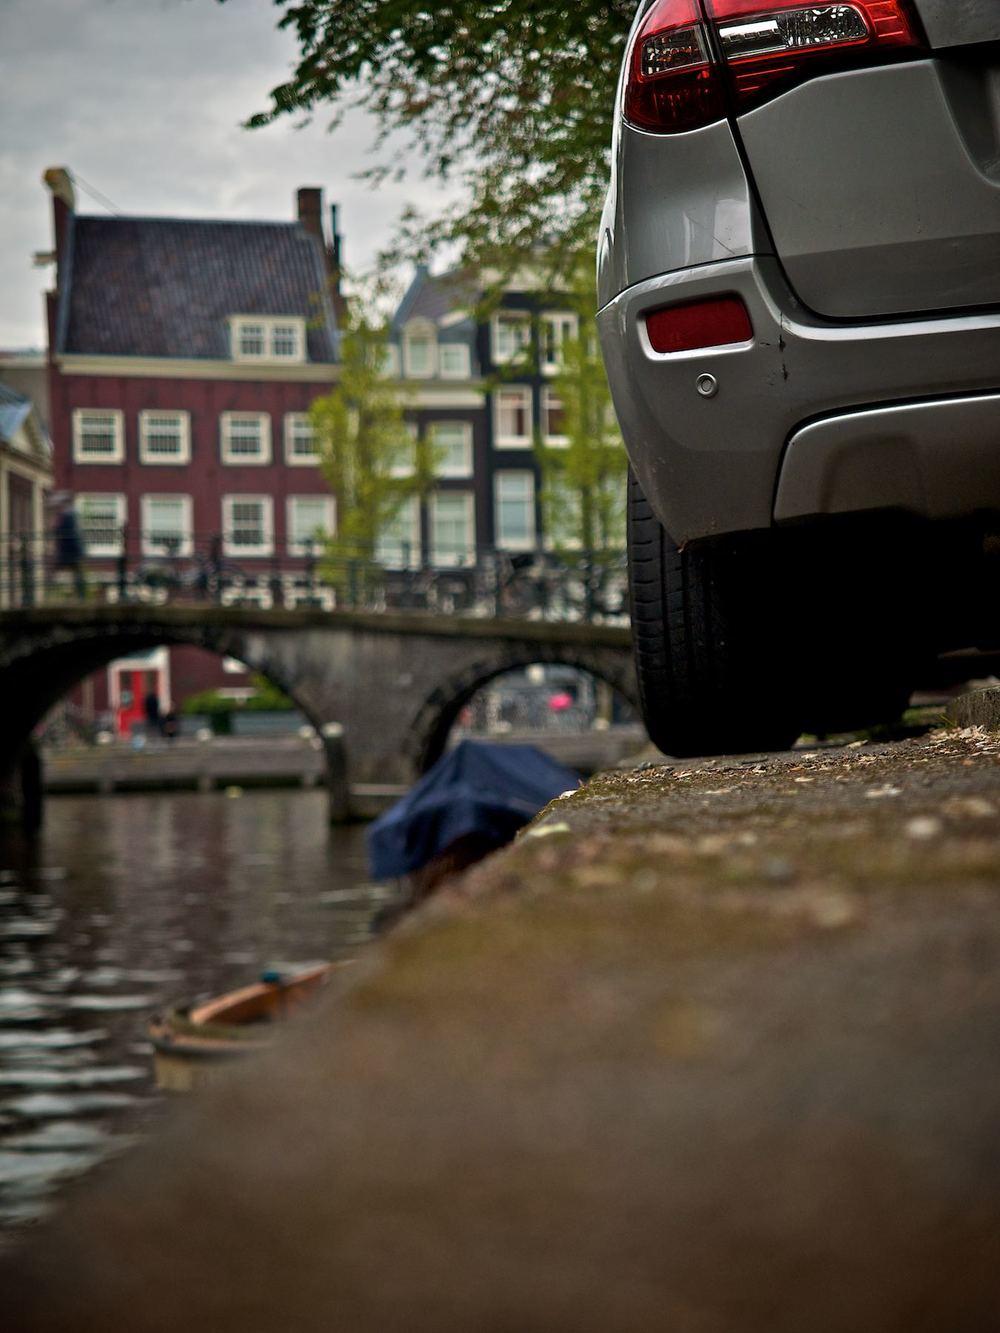 Parking Hazard